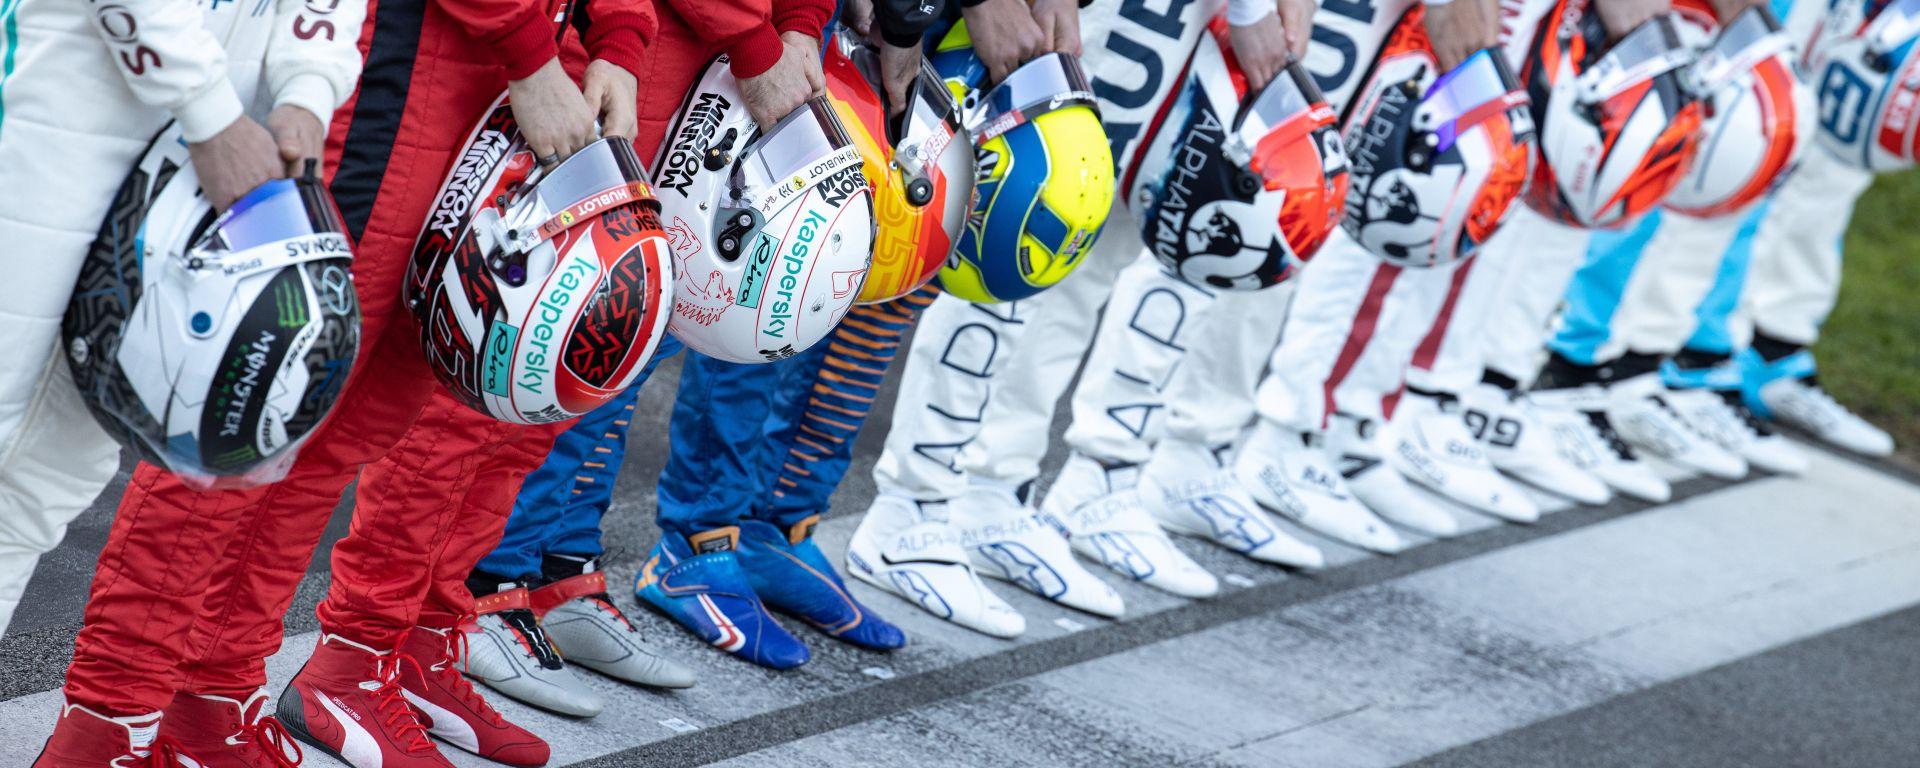 F1 Test Barcellona 2020: i nuovi caschi dei piloti di Formula 1